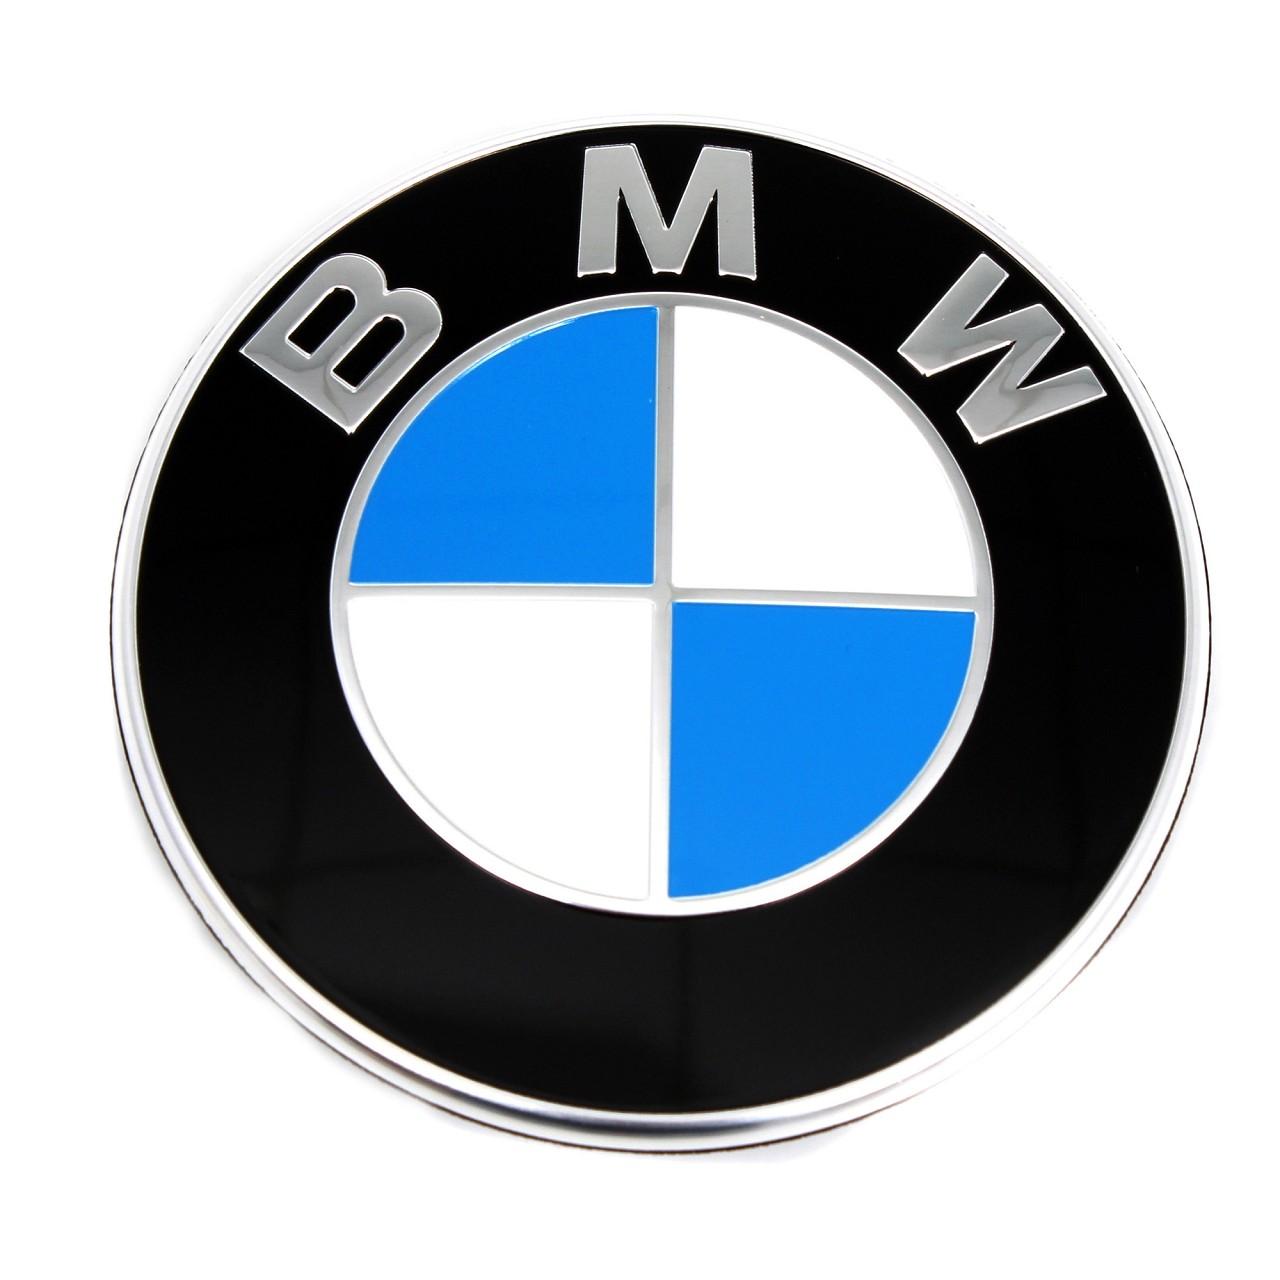 ORIGINAL BMW Emblem Plakette Zeichen Logo 74mm Heckklappe hinten 51148219237